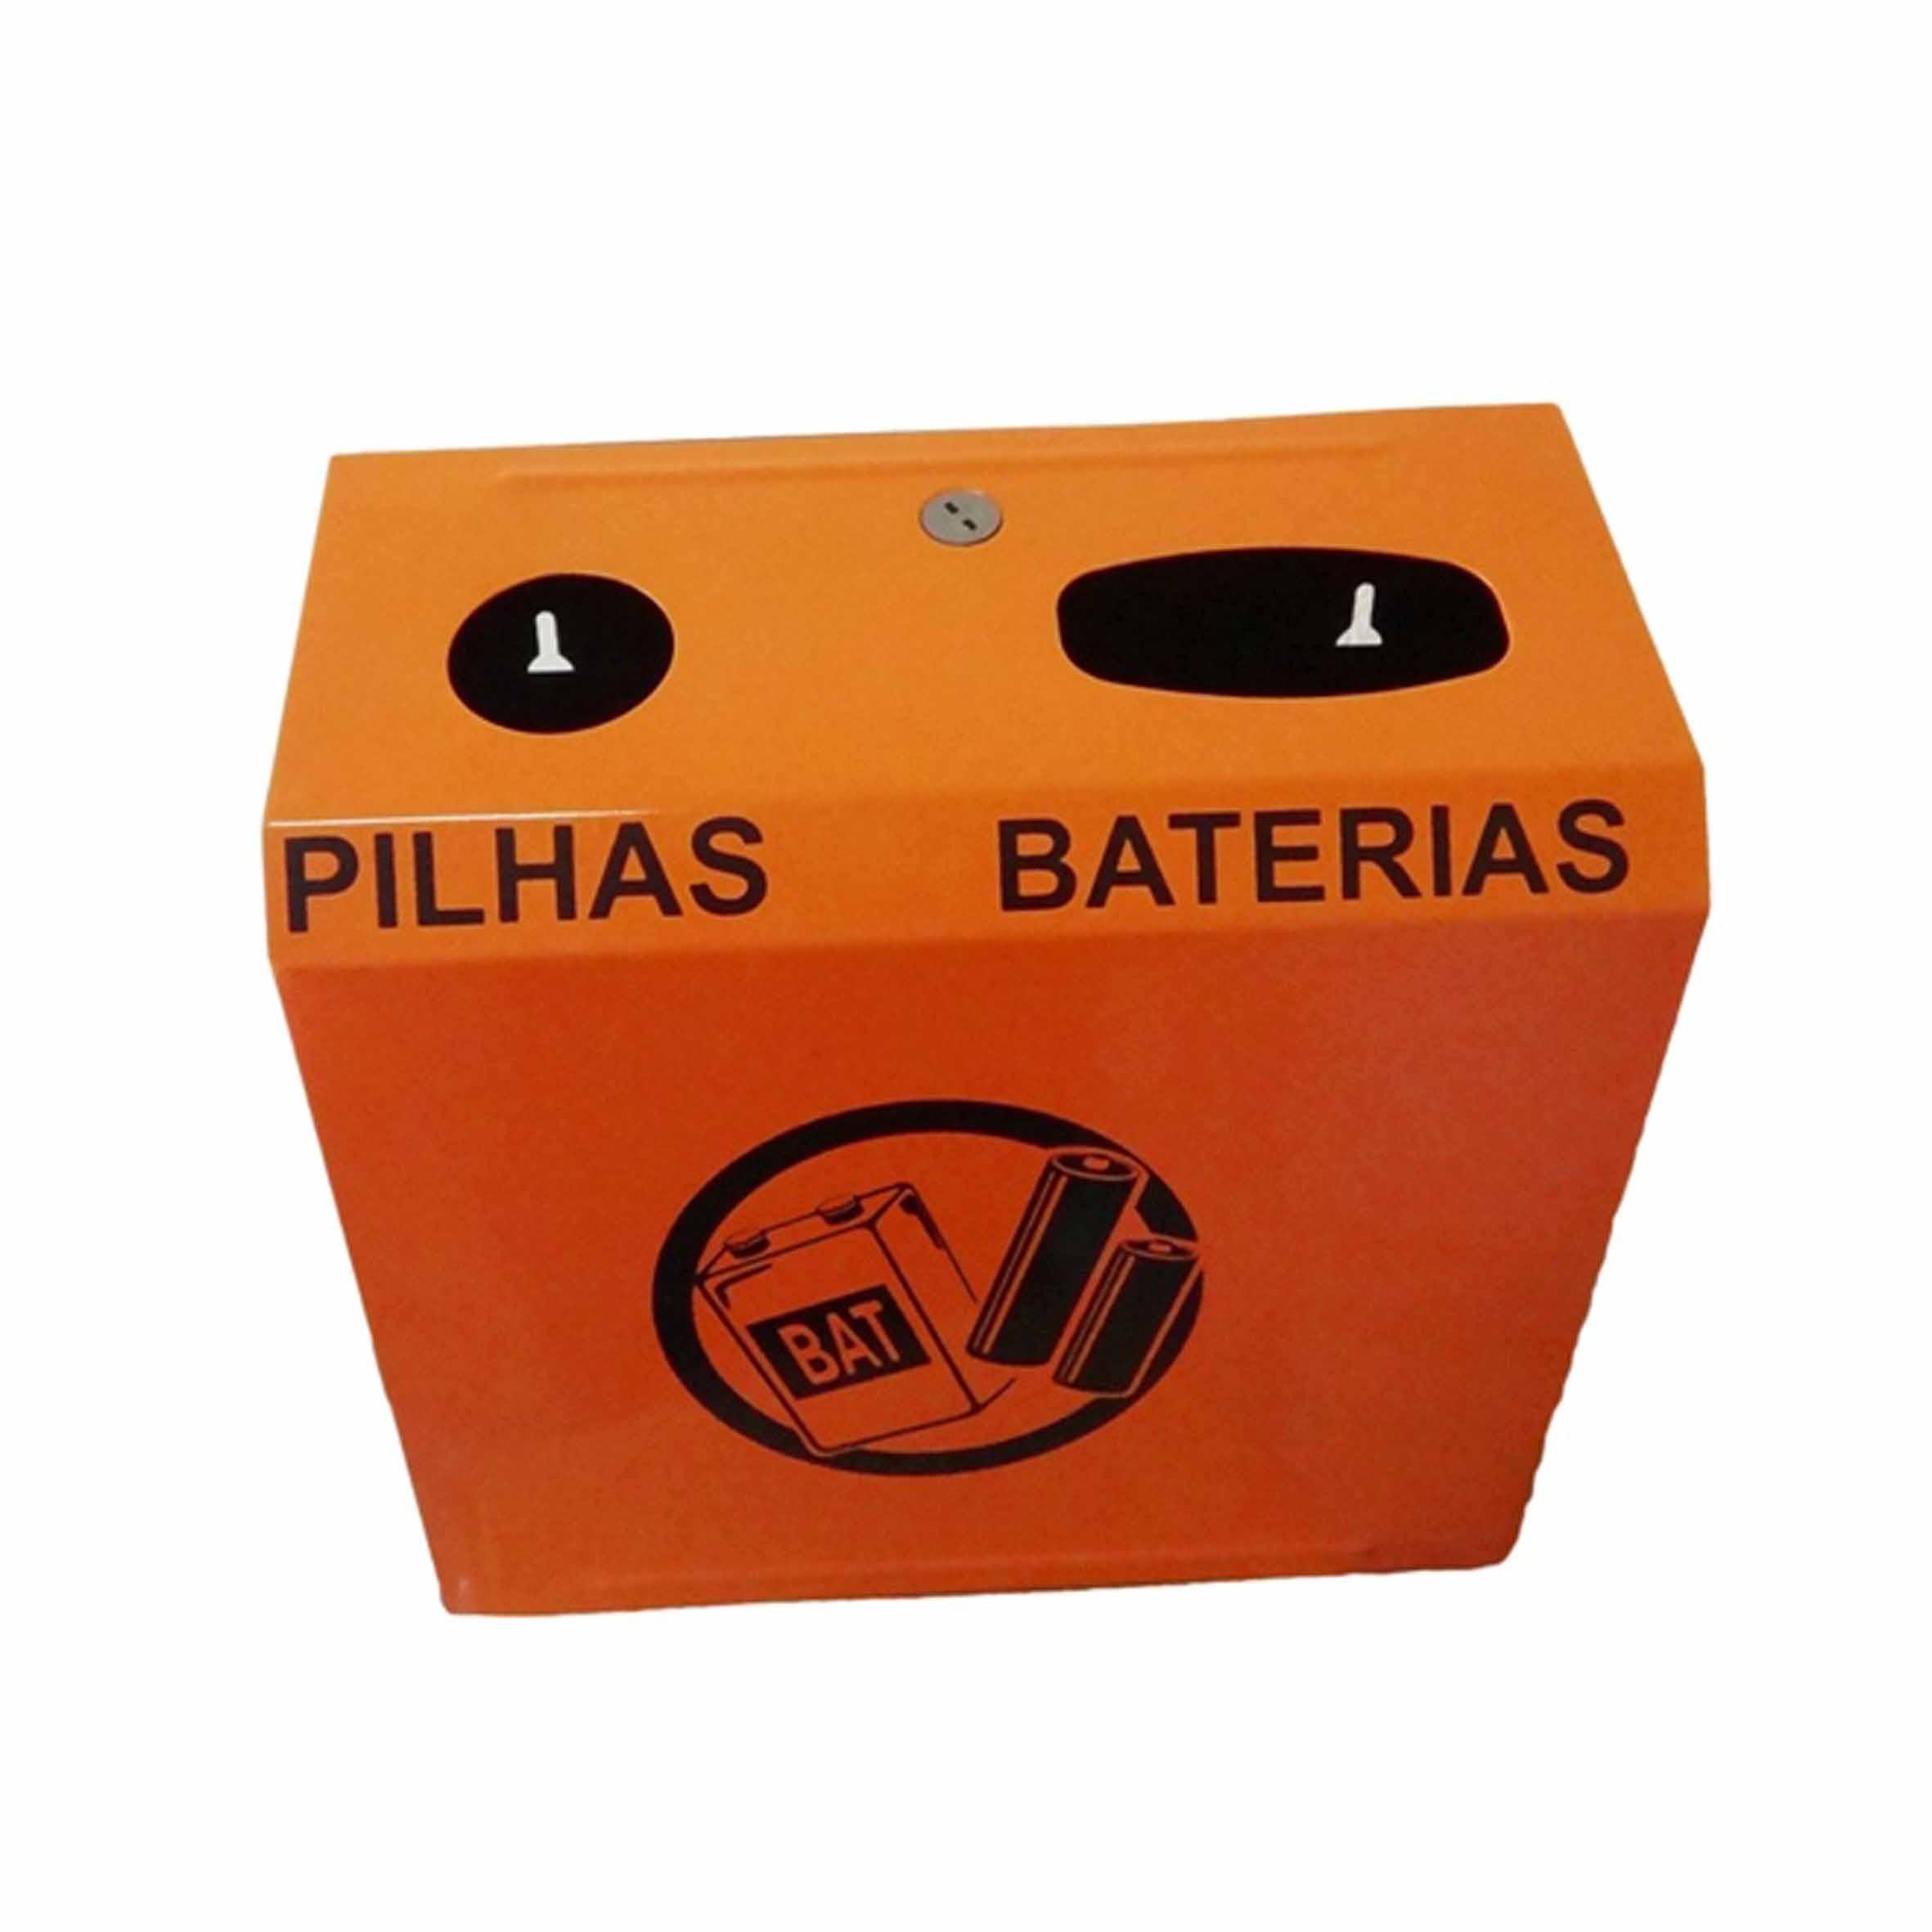 Suporte de Parede para Descarte de Pilhas e Baterias - JSN